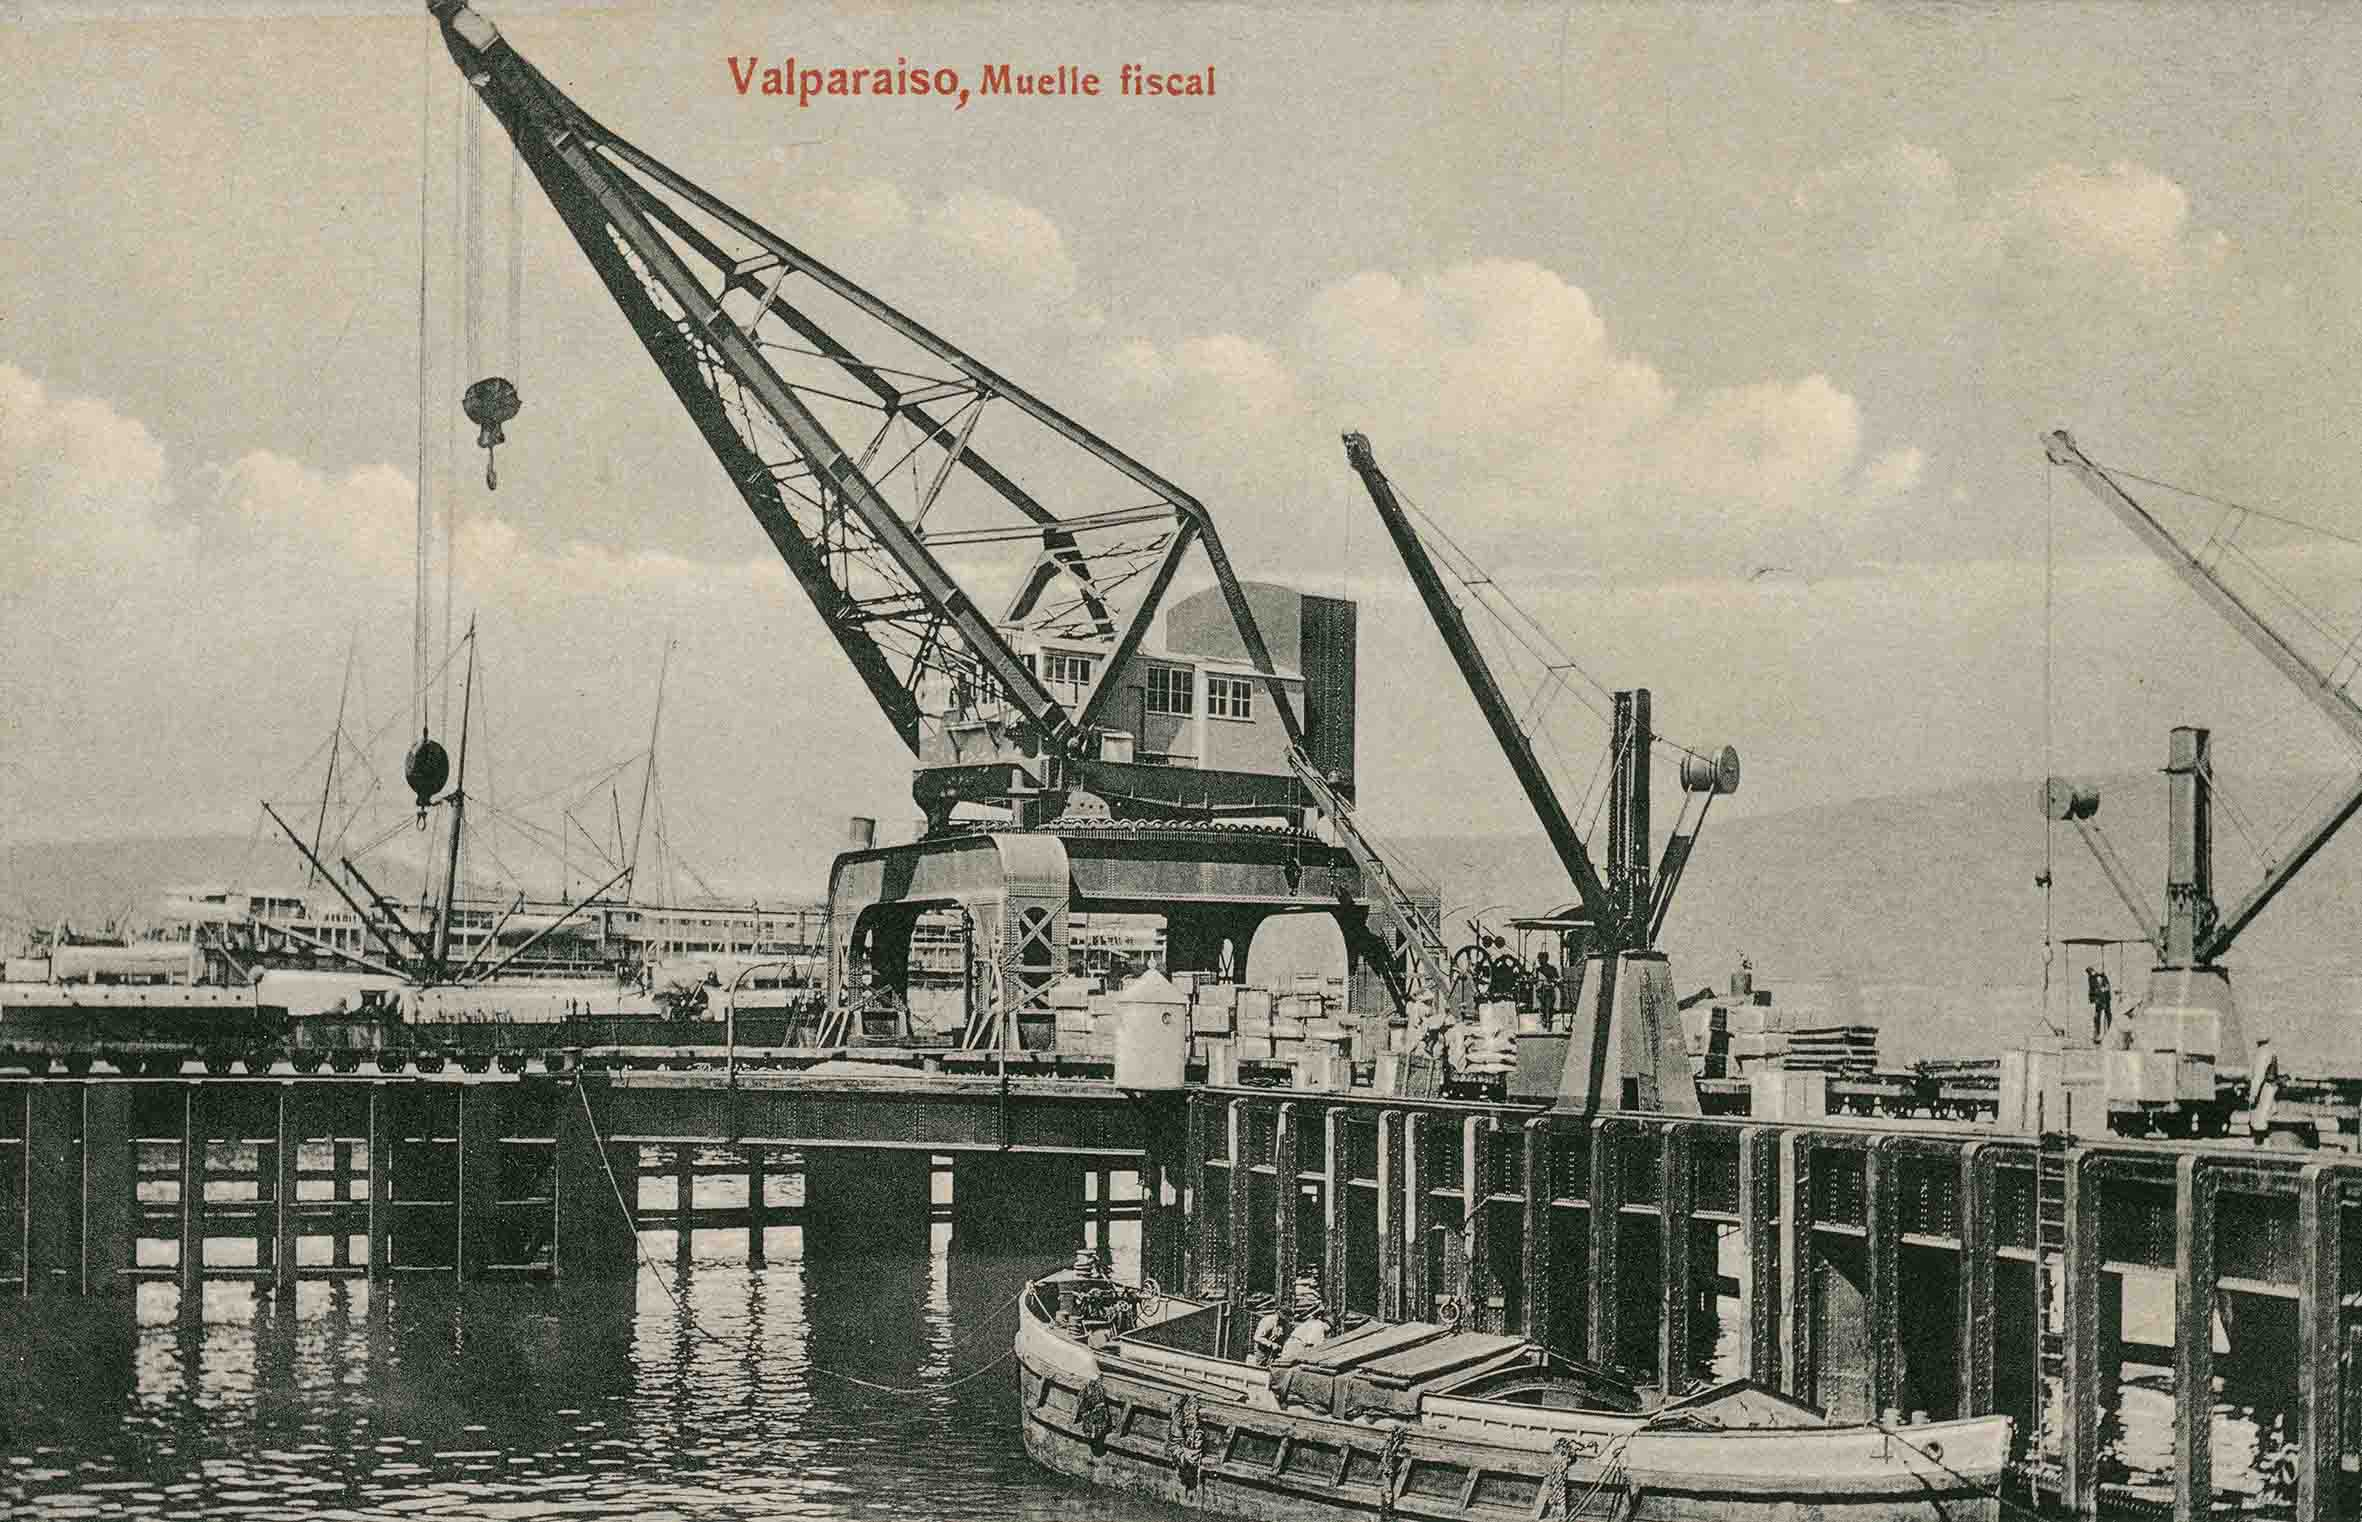 Enterreno - Fotos históricas de chile - fotos antiguas de Chile - Muelle fiscal de Valparaíso en 1912